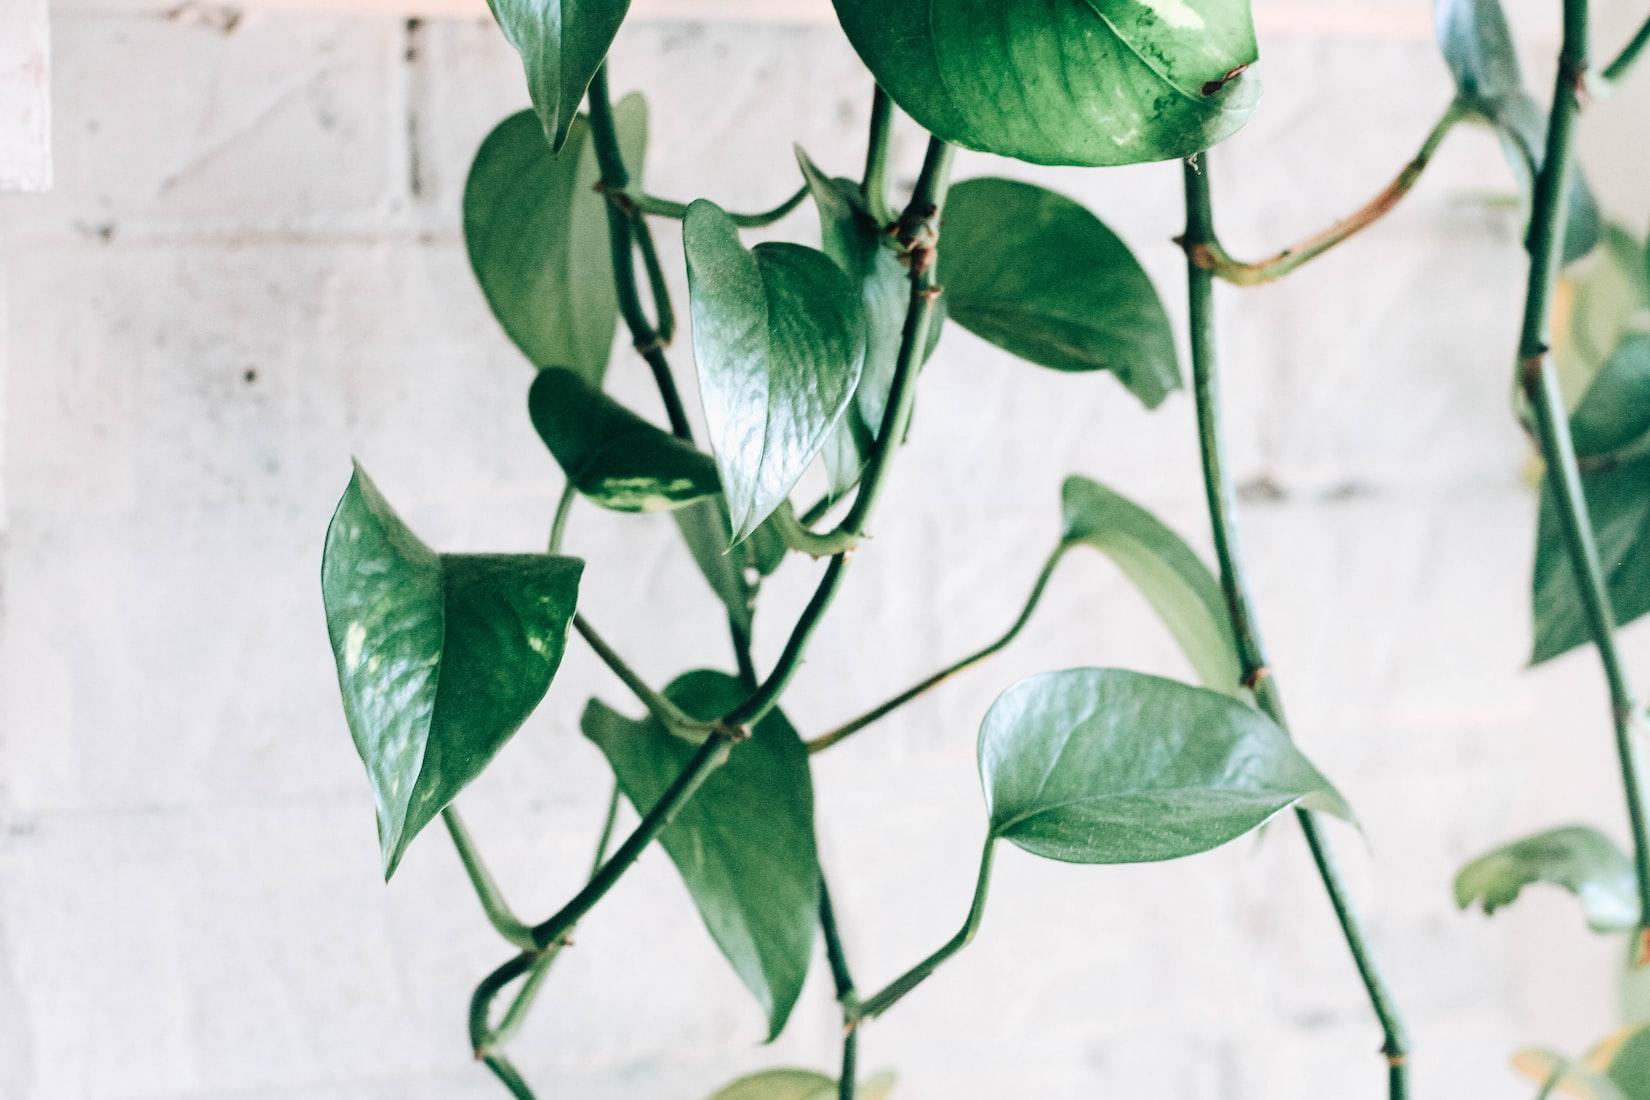 Pothos or Devil's Ivy, a tropical plant garden staple.